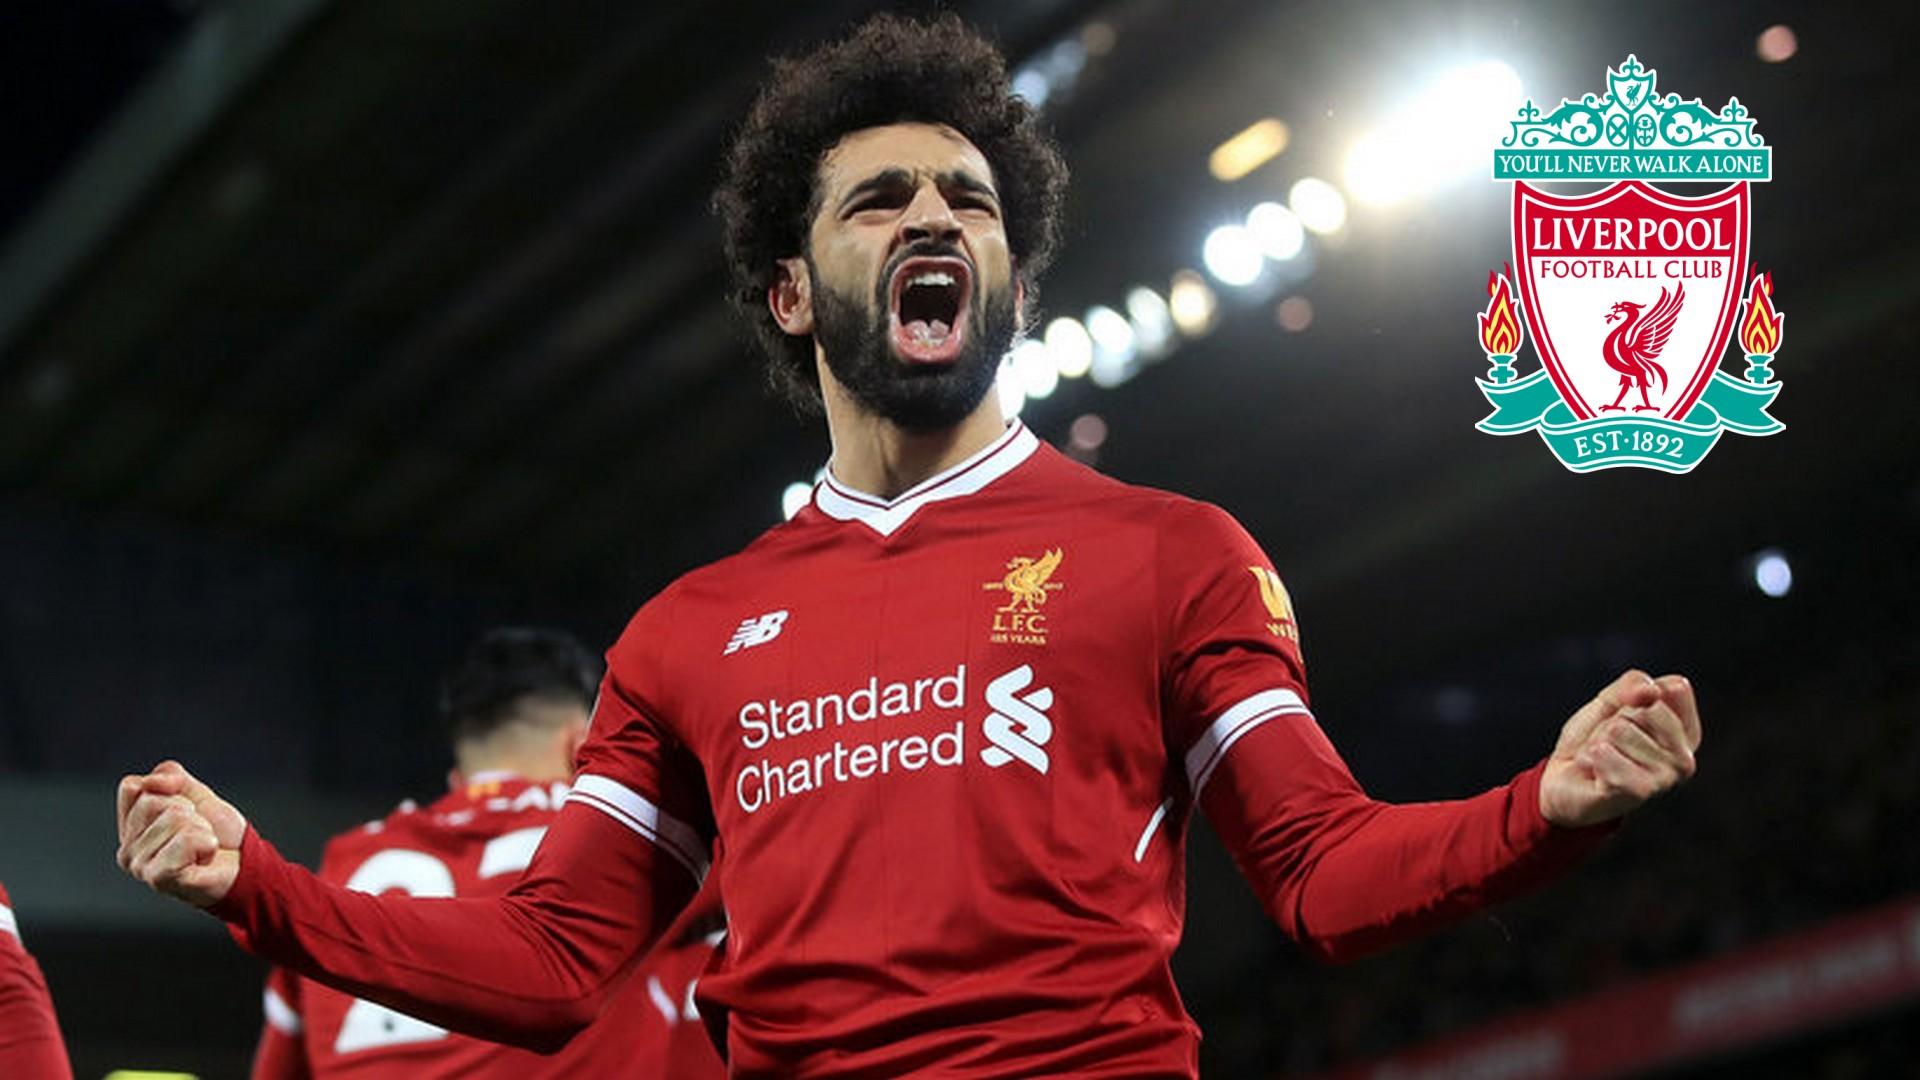 Mohamed Salah HD Desktop Wallpapers At Liverpool FC